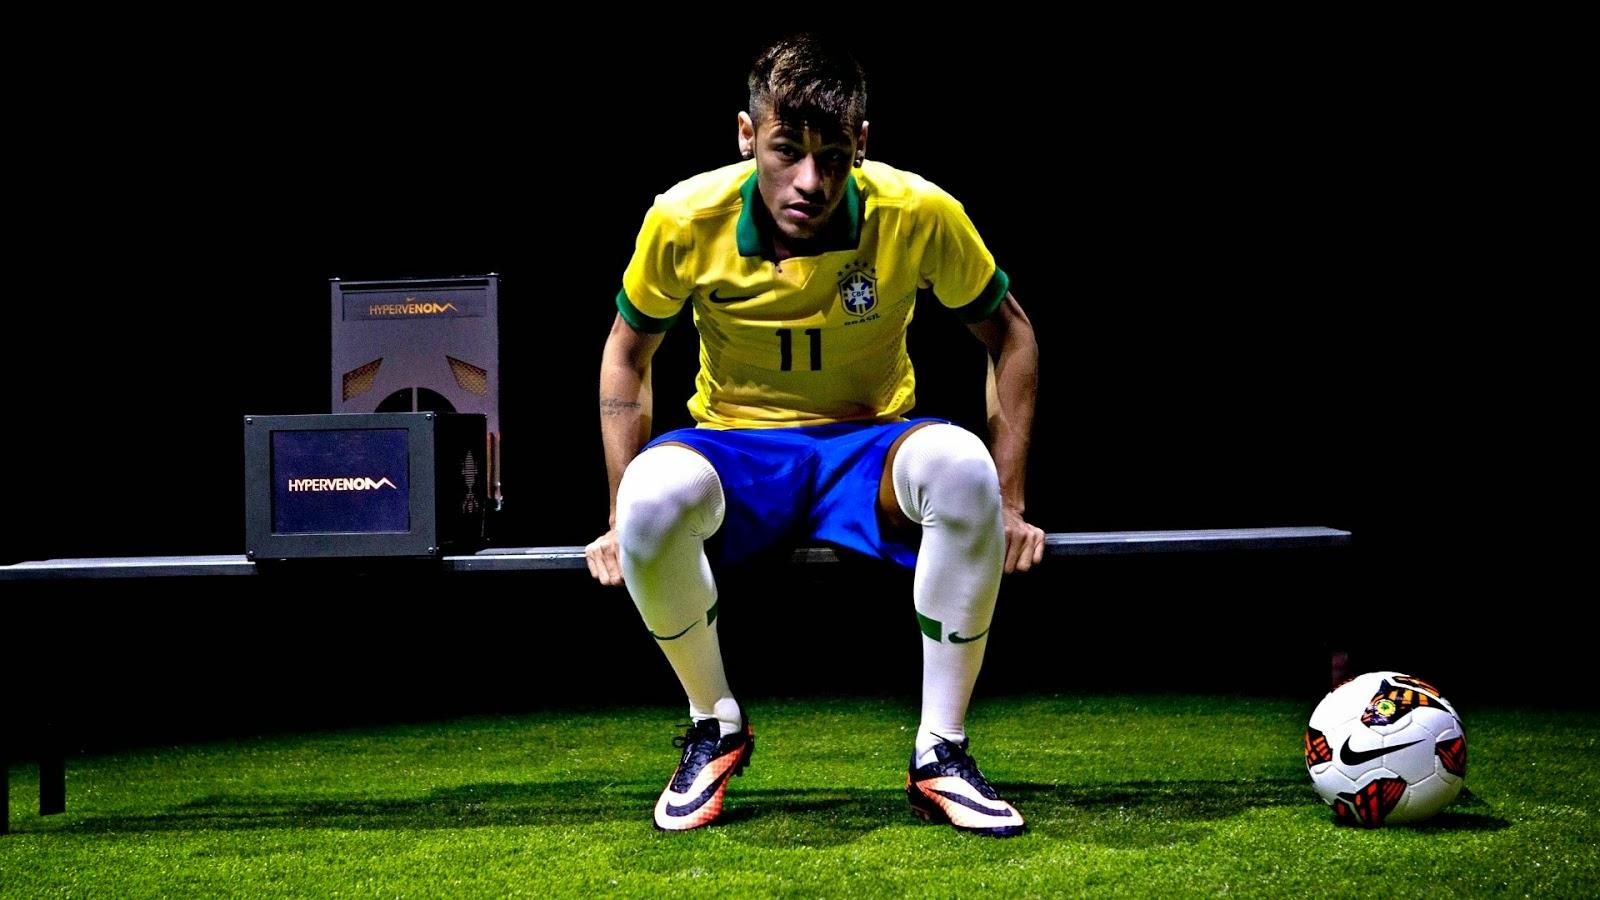 http://3.bp.blogspot.com/-Mq015Ab0Ogs/U6bvVftmLKI/AAAAAAAAZ3M/s89ayZxDxgM/s1600/neymar_jr_brazil_2014_world_cup_wallpaper.jpg